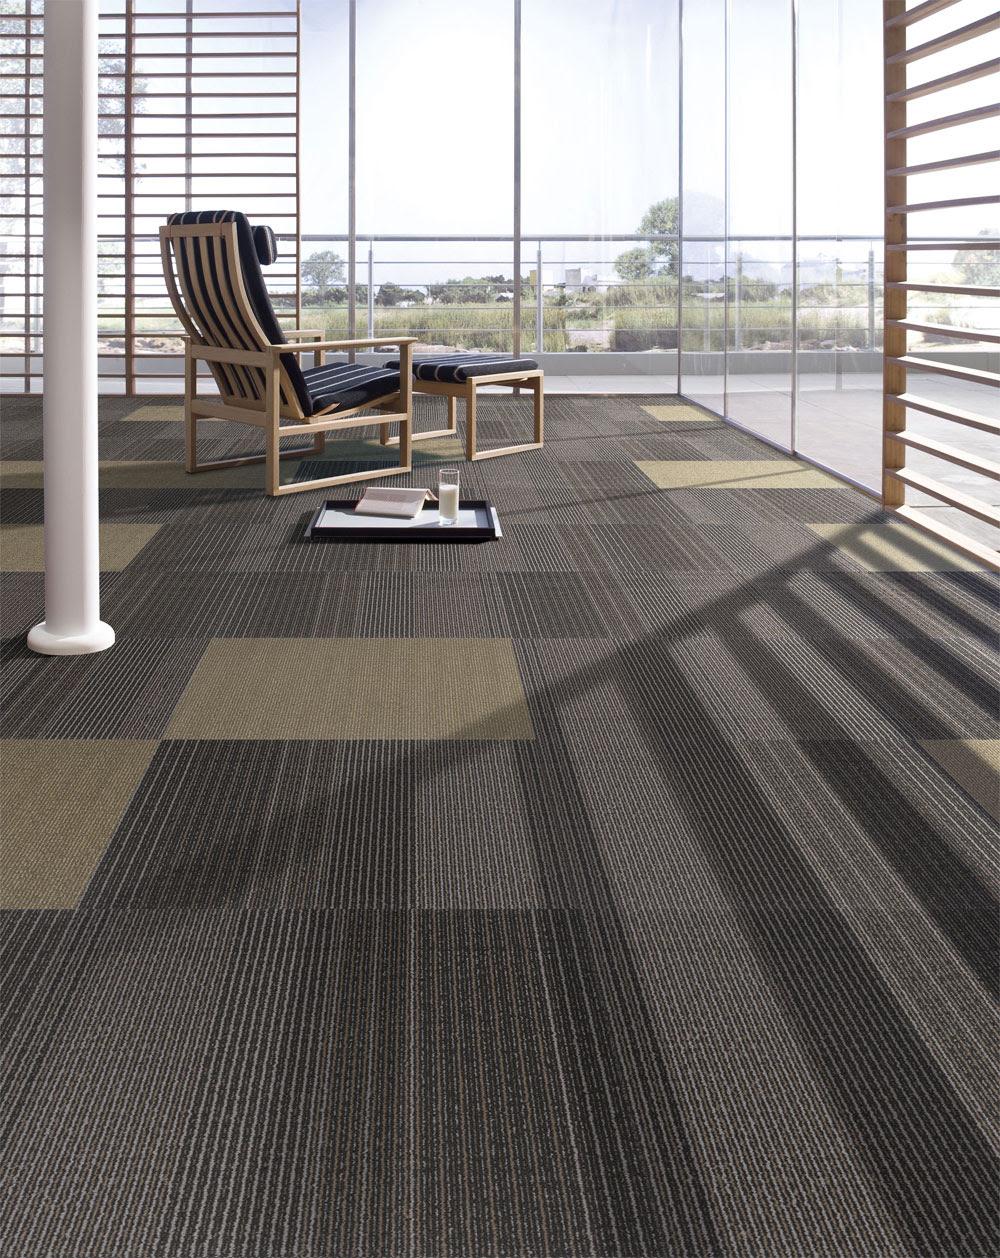 ... fantastic commercial carpet tile boardroom tilesjpg ... VLLZEJM